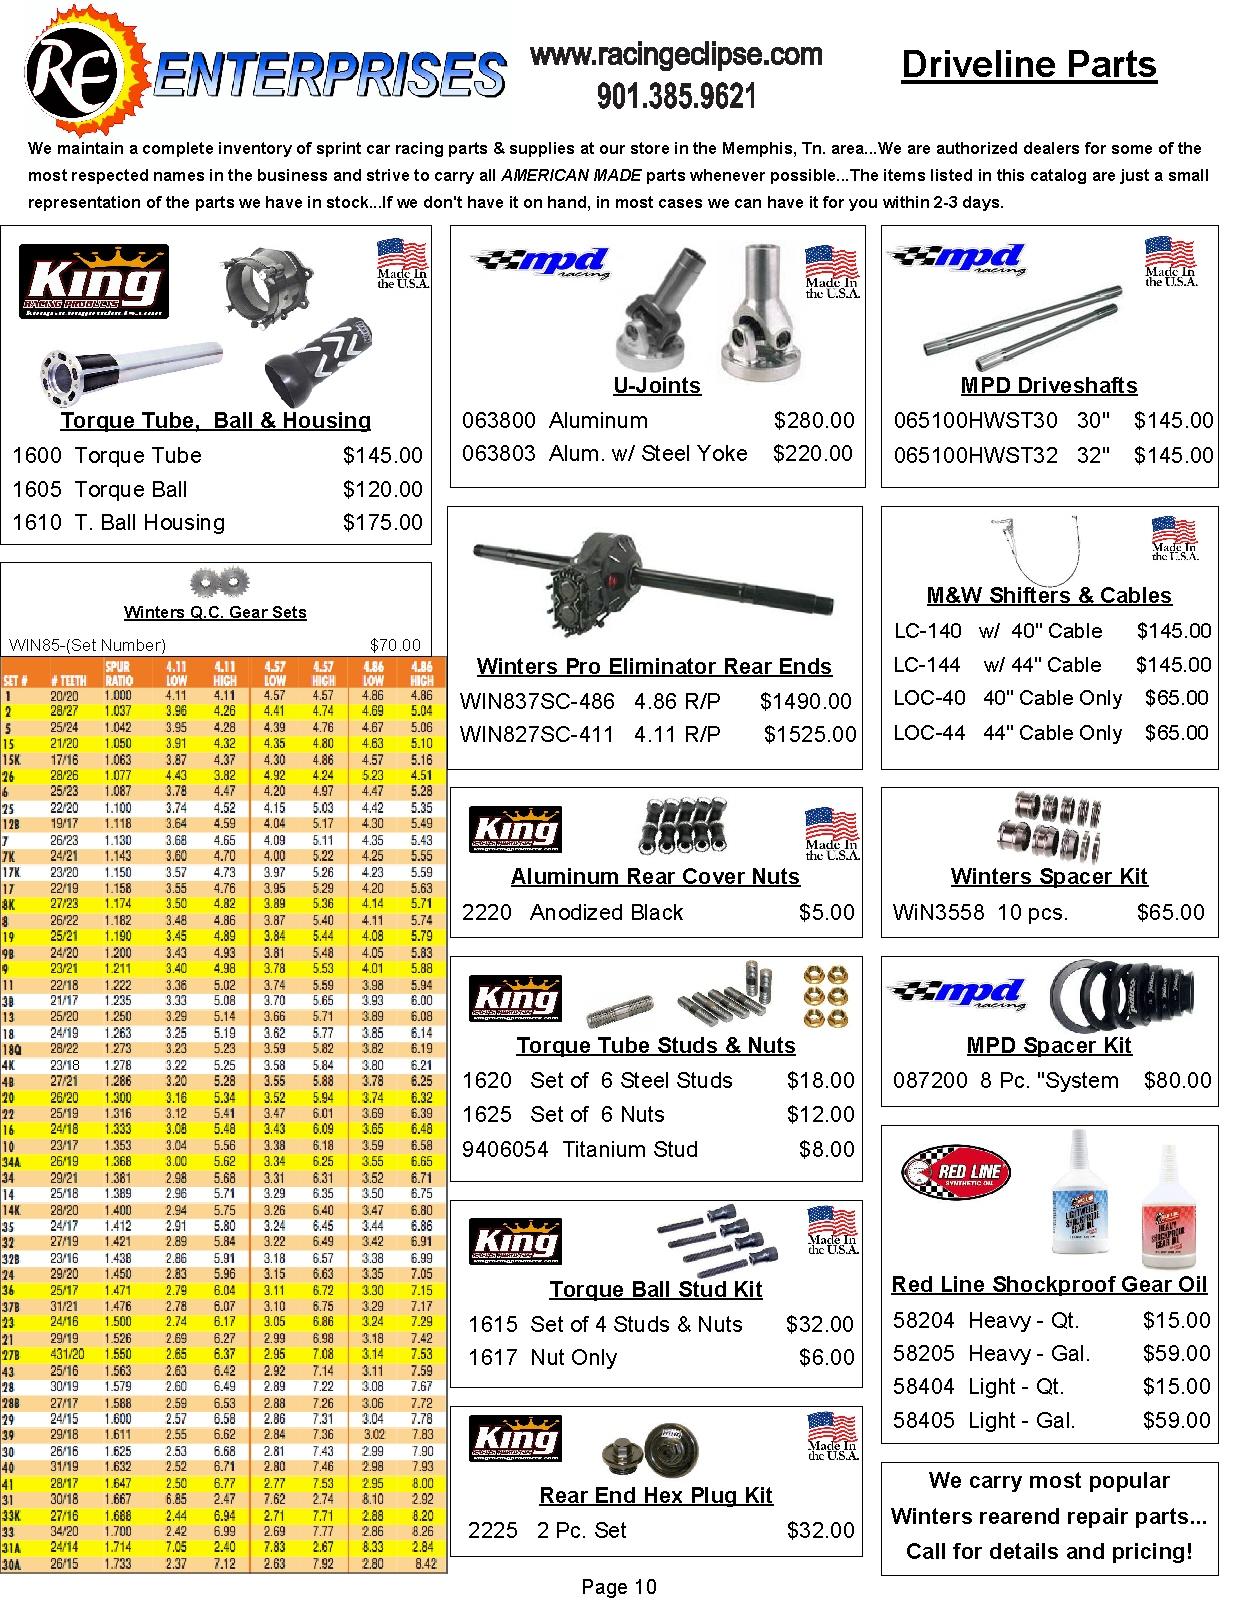 Catalog Page 10- Driveline Parts